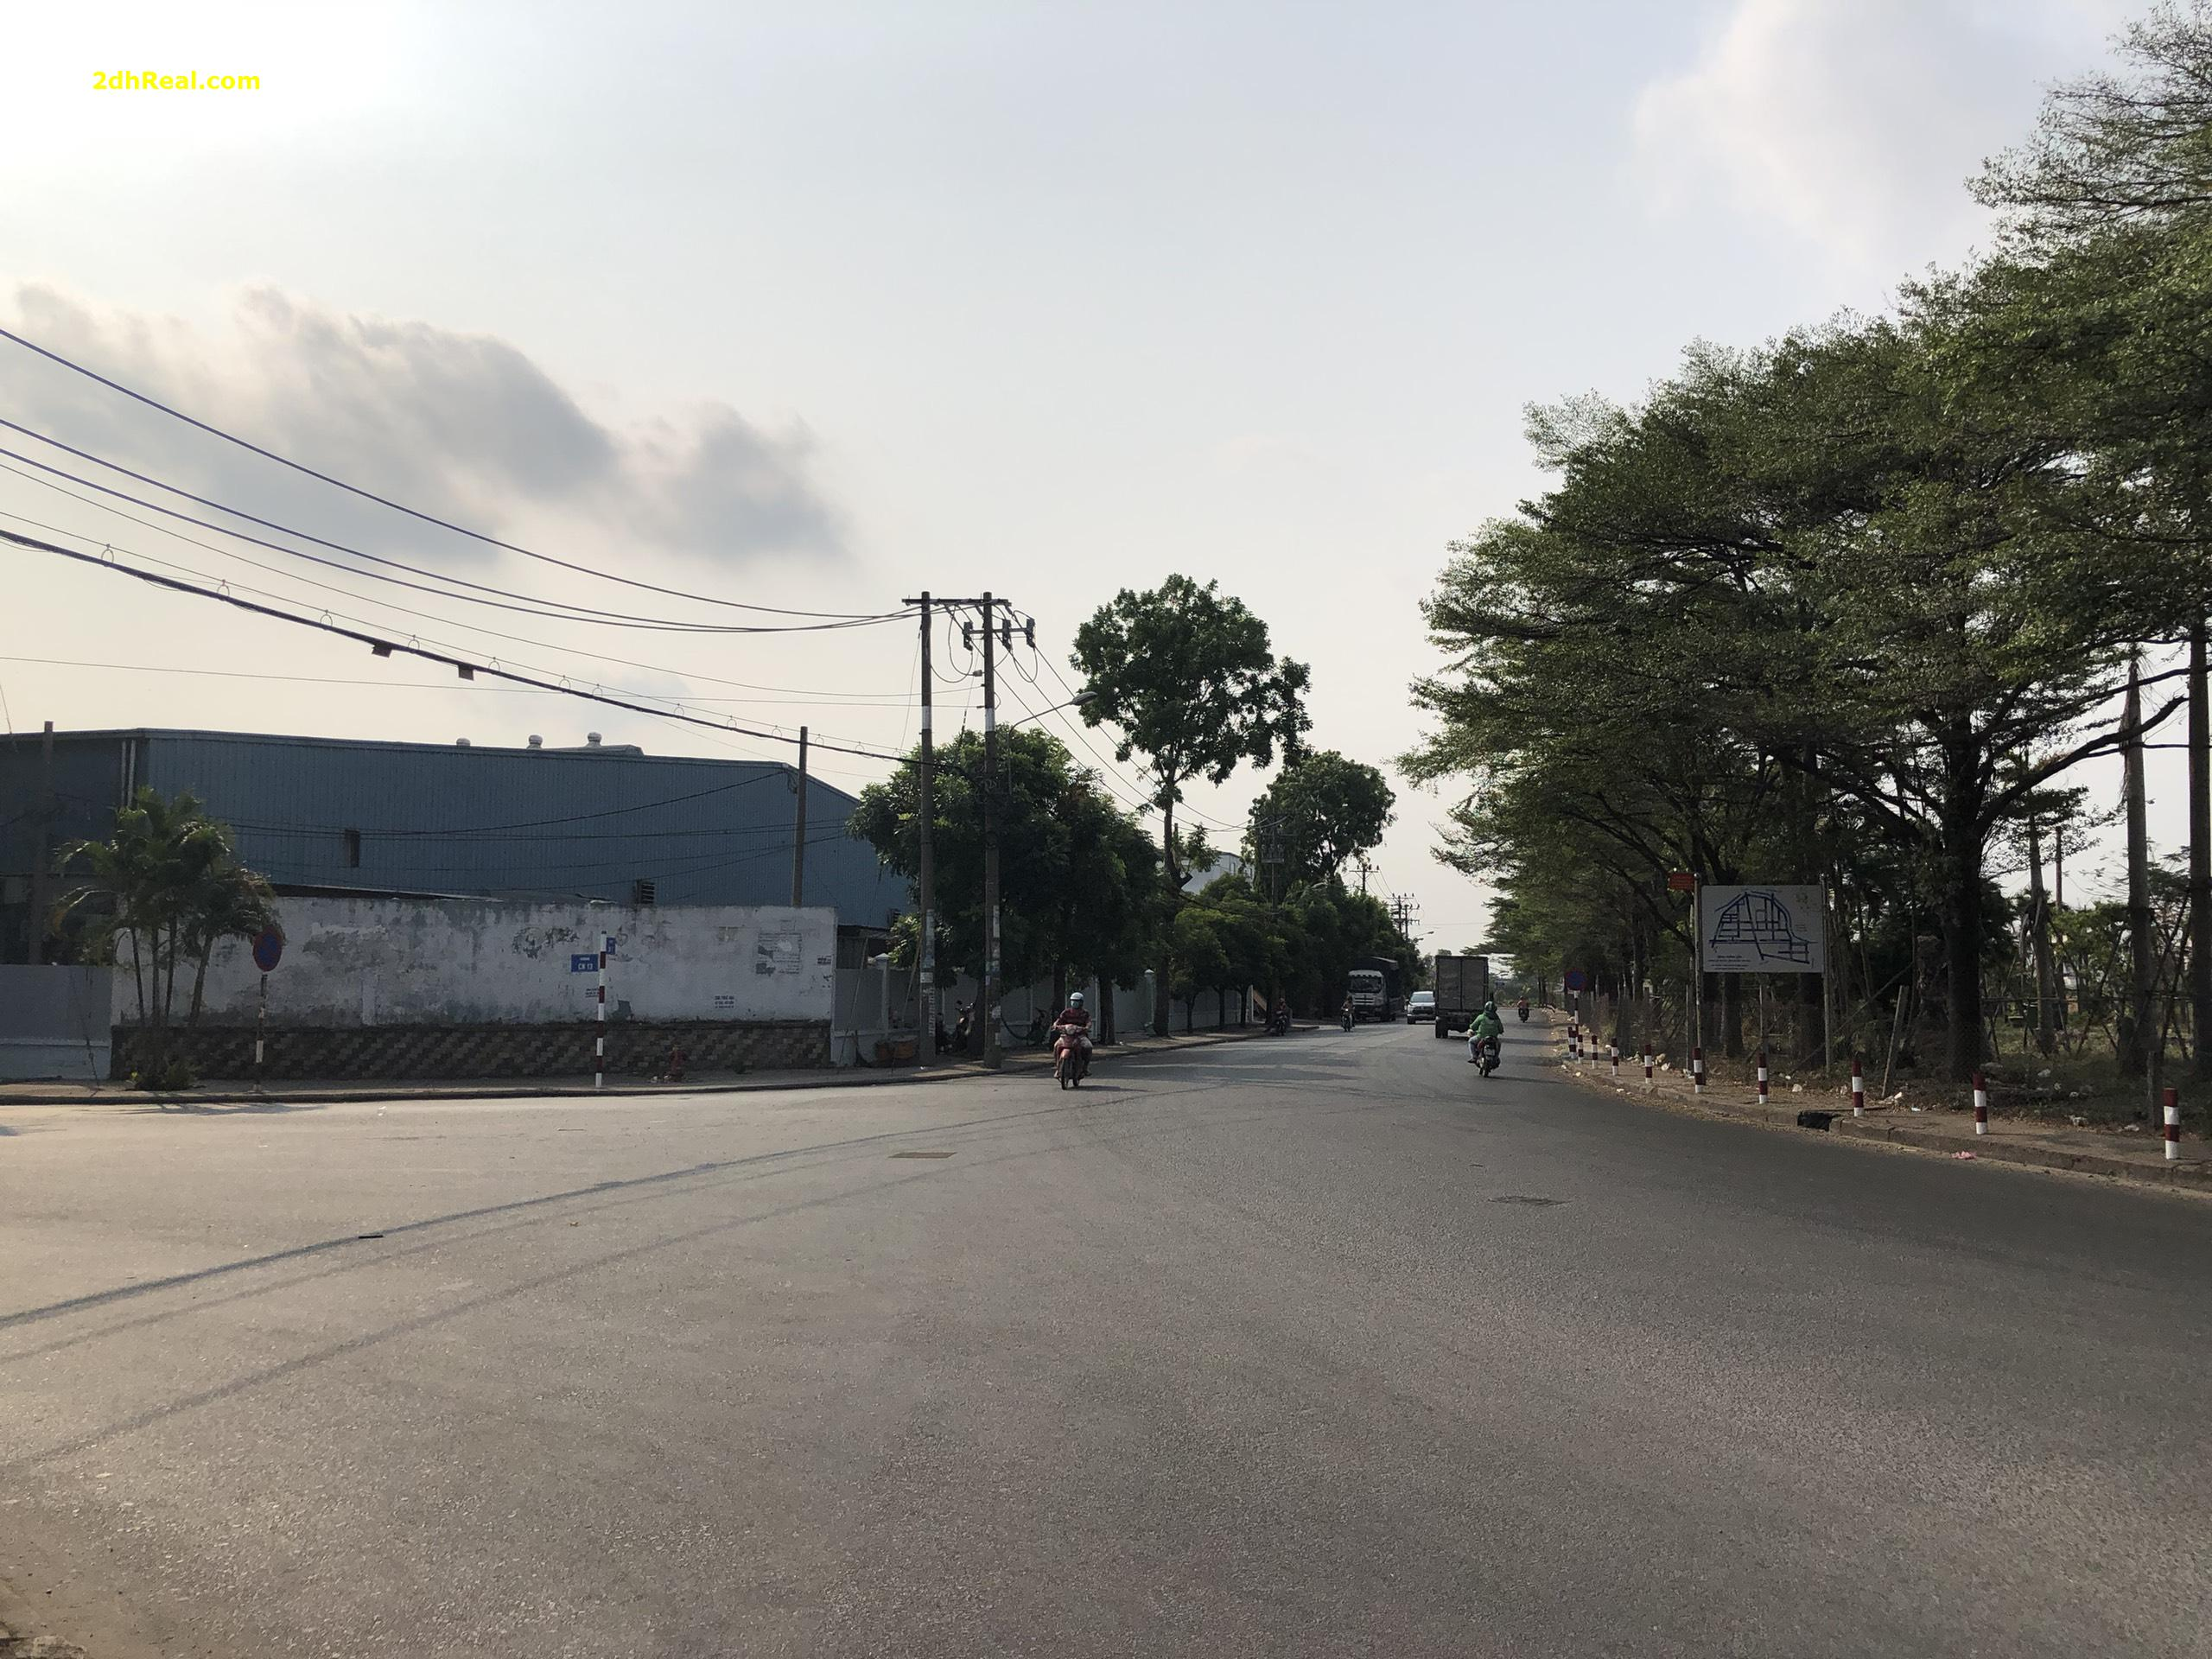 Bán nhà xưởng khu công nghiệp Tân Bình, Tân Phú, 15.500m2 giá 24tr/m2